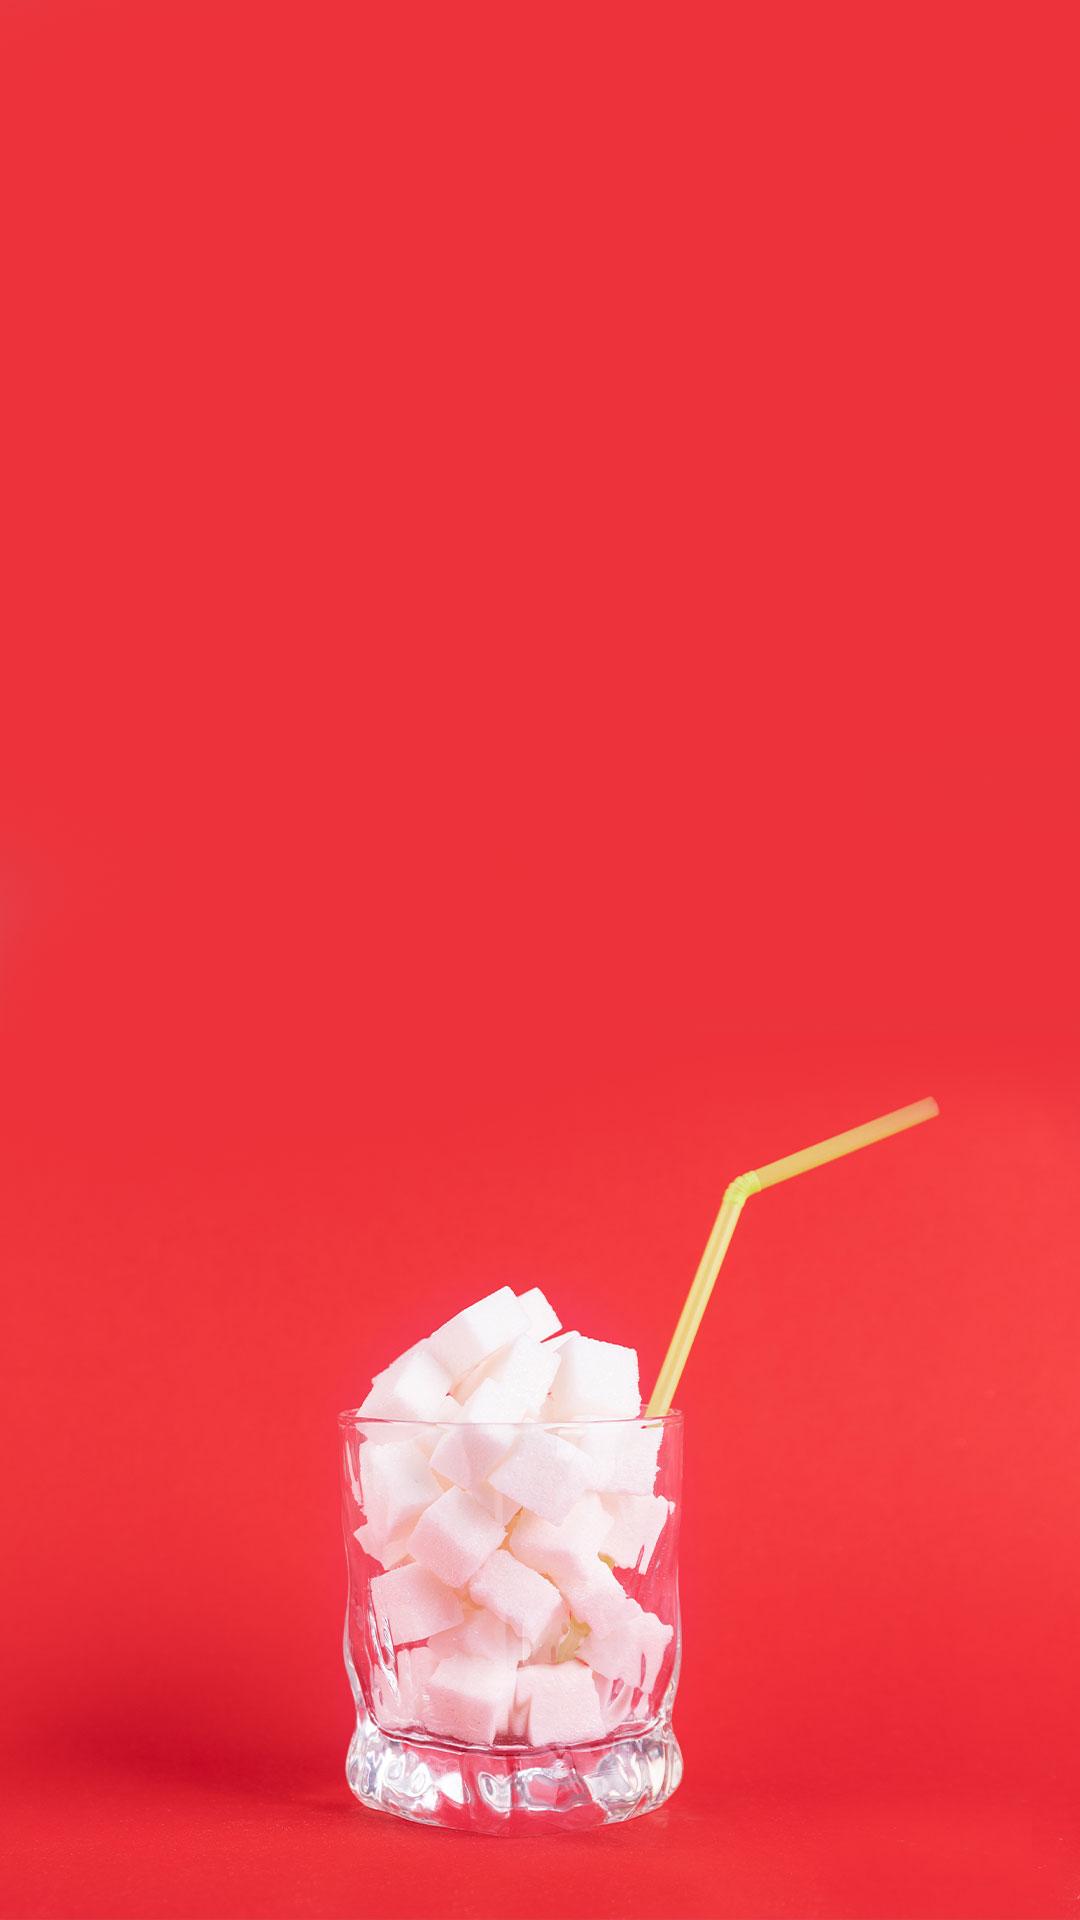 Tips for reducing sugar intake